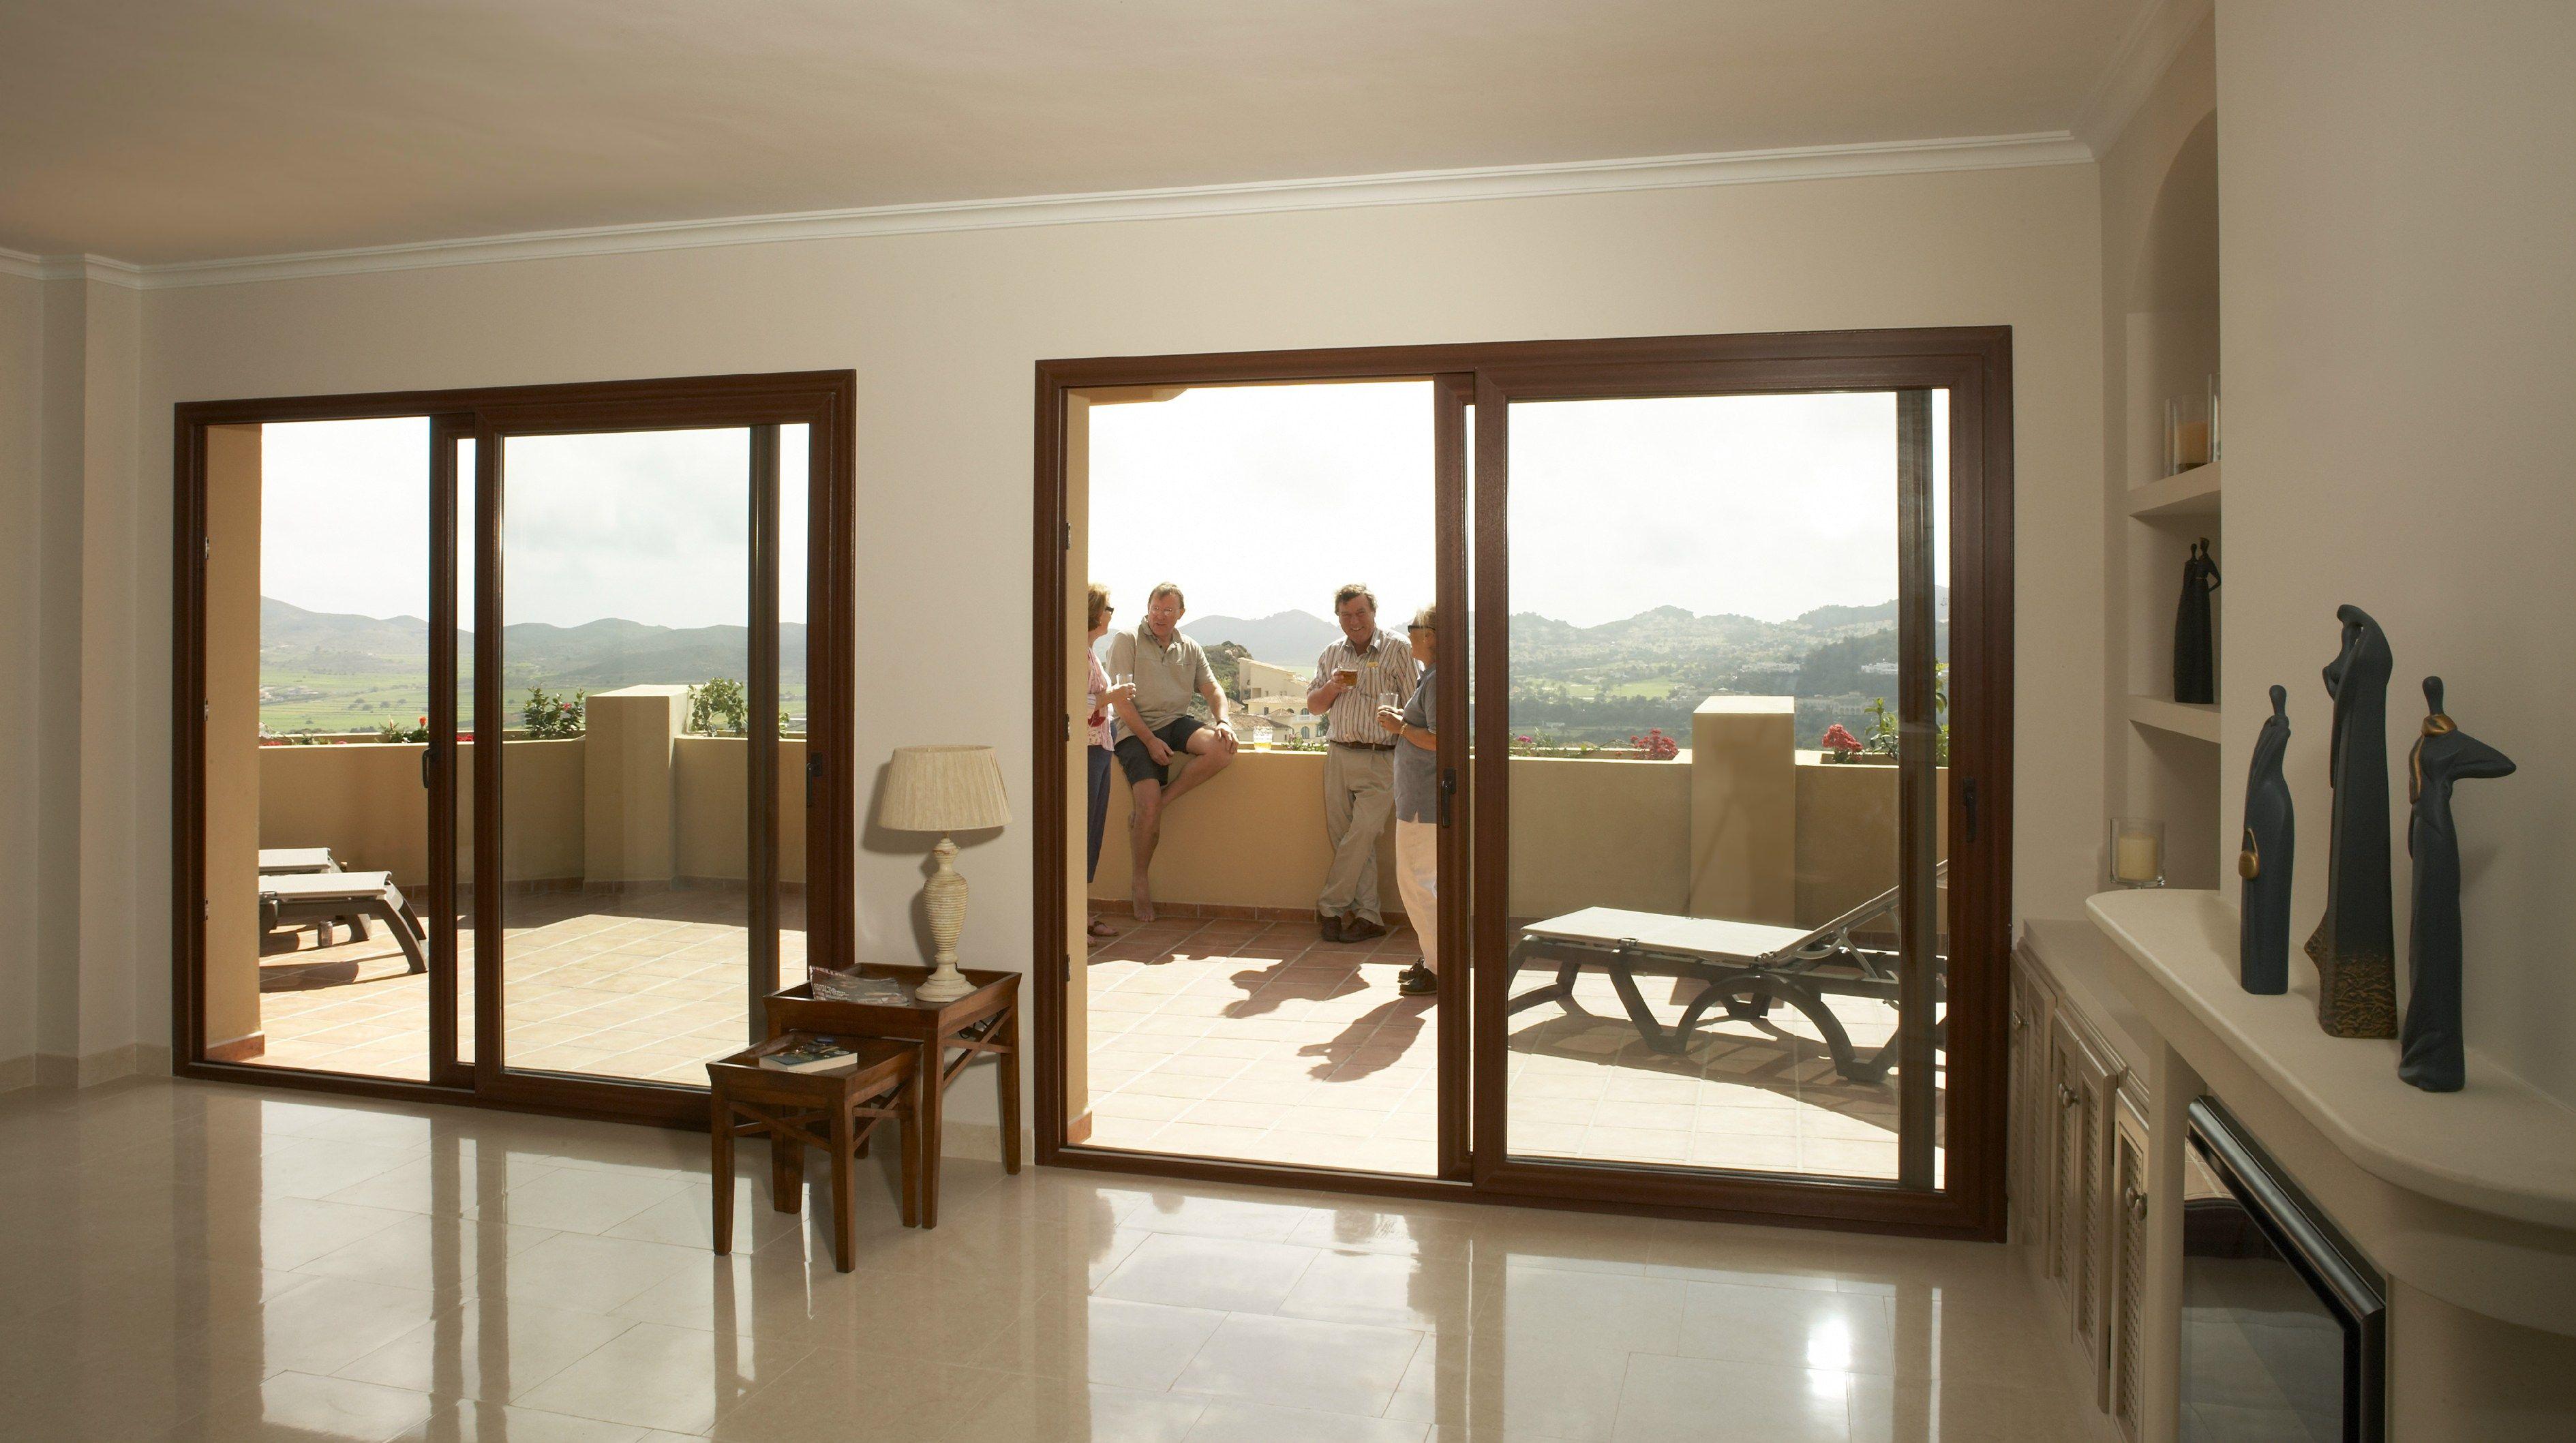 Bodentiefe schiebeelemente wohnideen pinterest - Bodentiefe schiebefenster ...